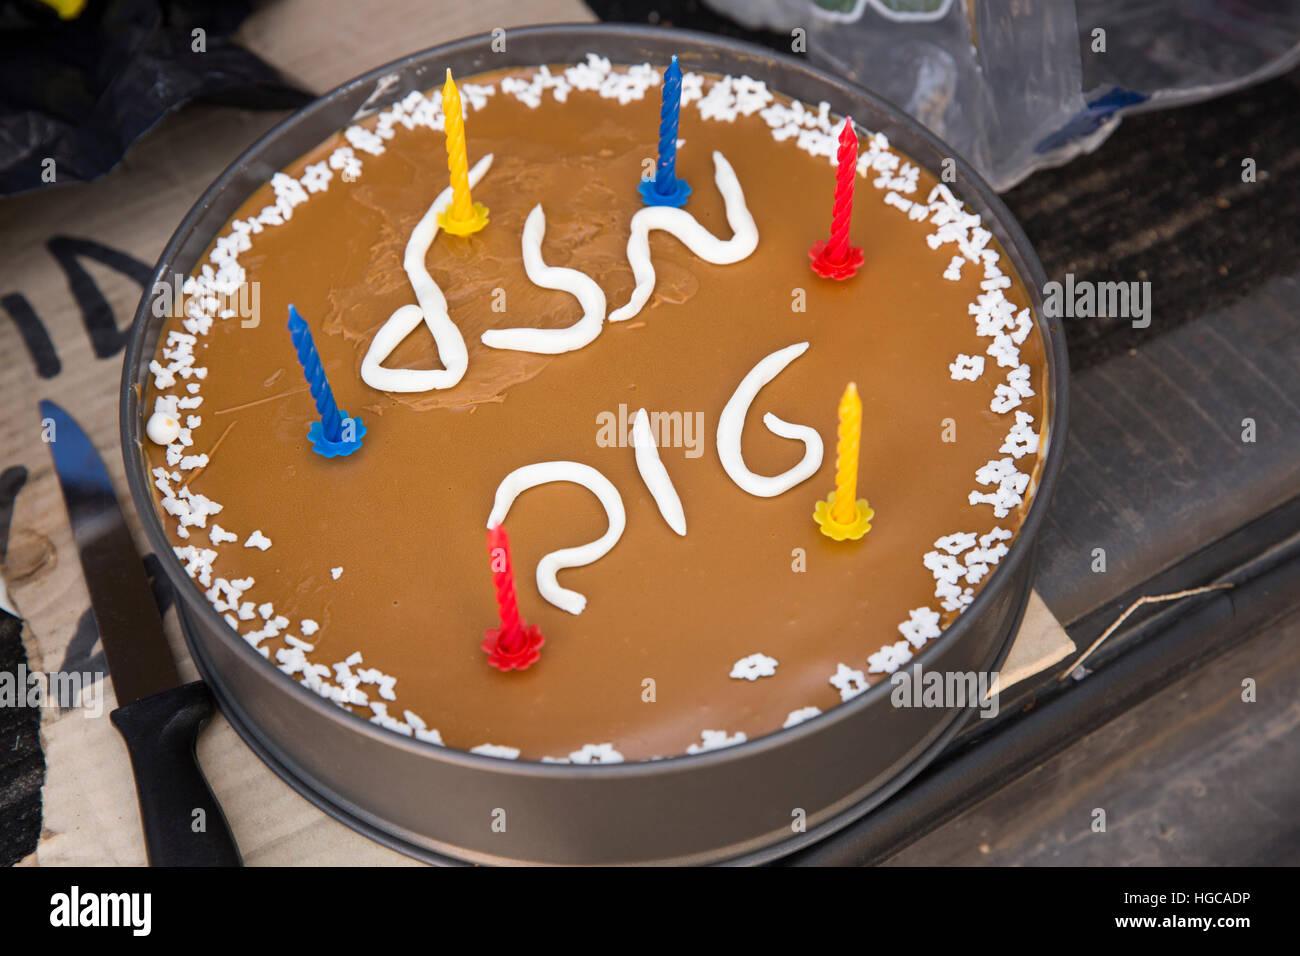 Mazal Tov (good luck in Hebrew) birthday cake - Stock Image